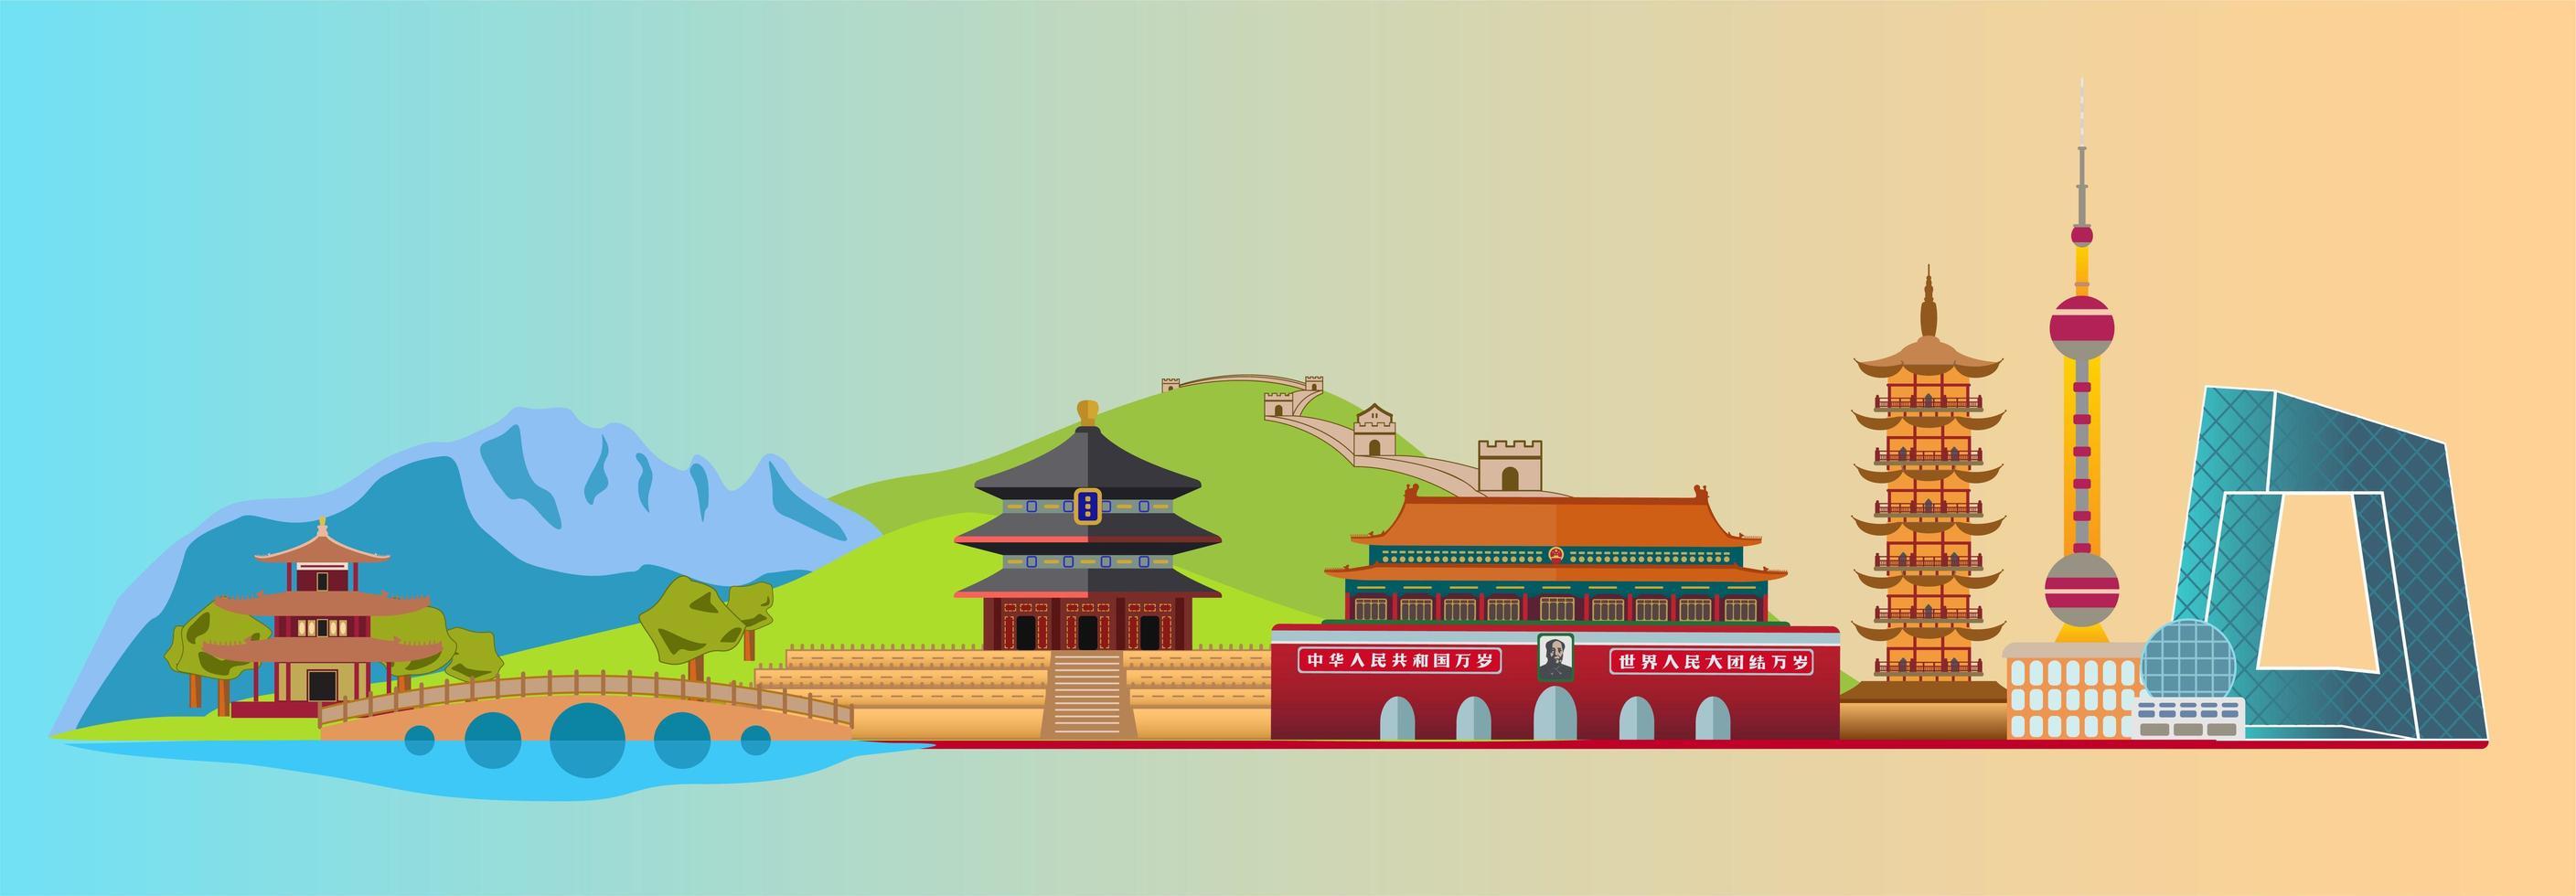 Panorama de China este y oeste vector